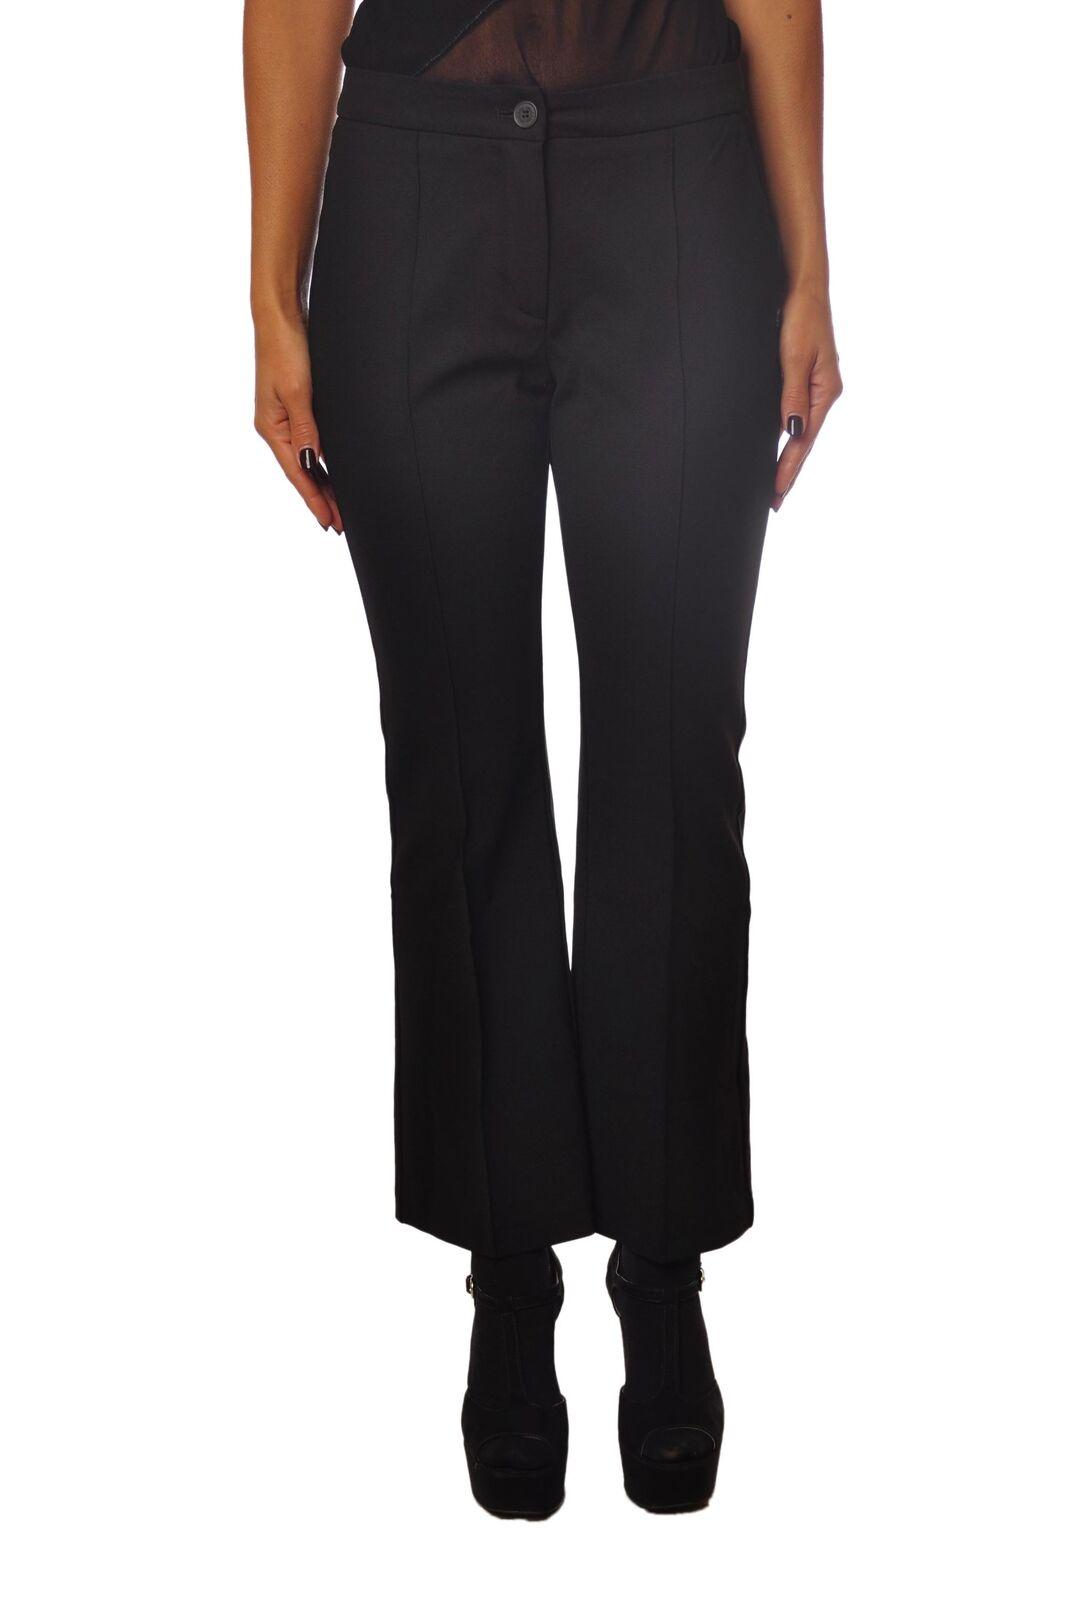 Ottod'ame  -  Pantaloni - women - black - 4186428A180804